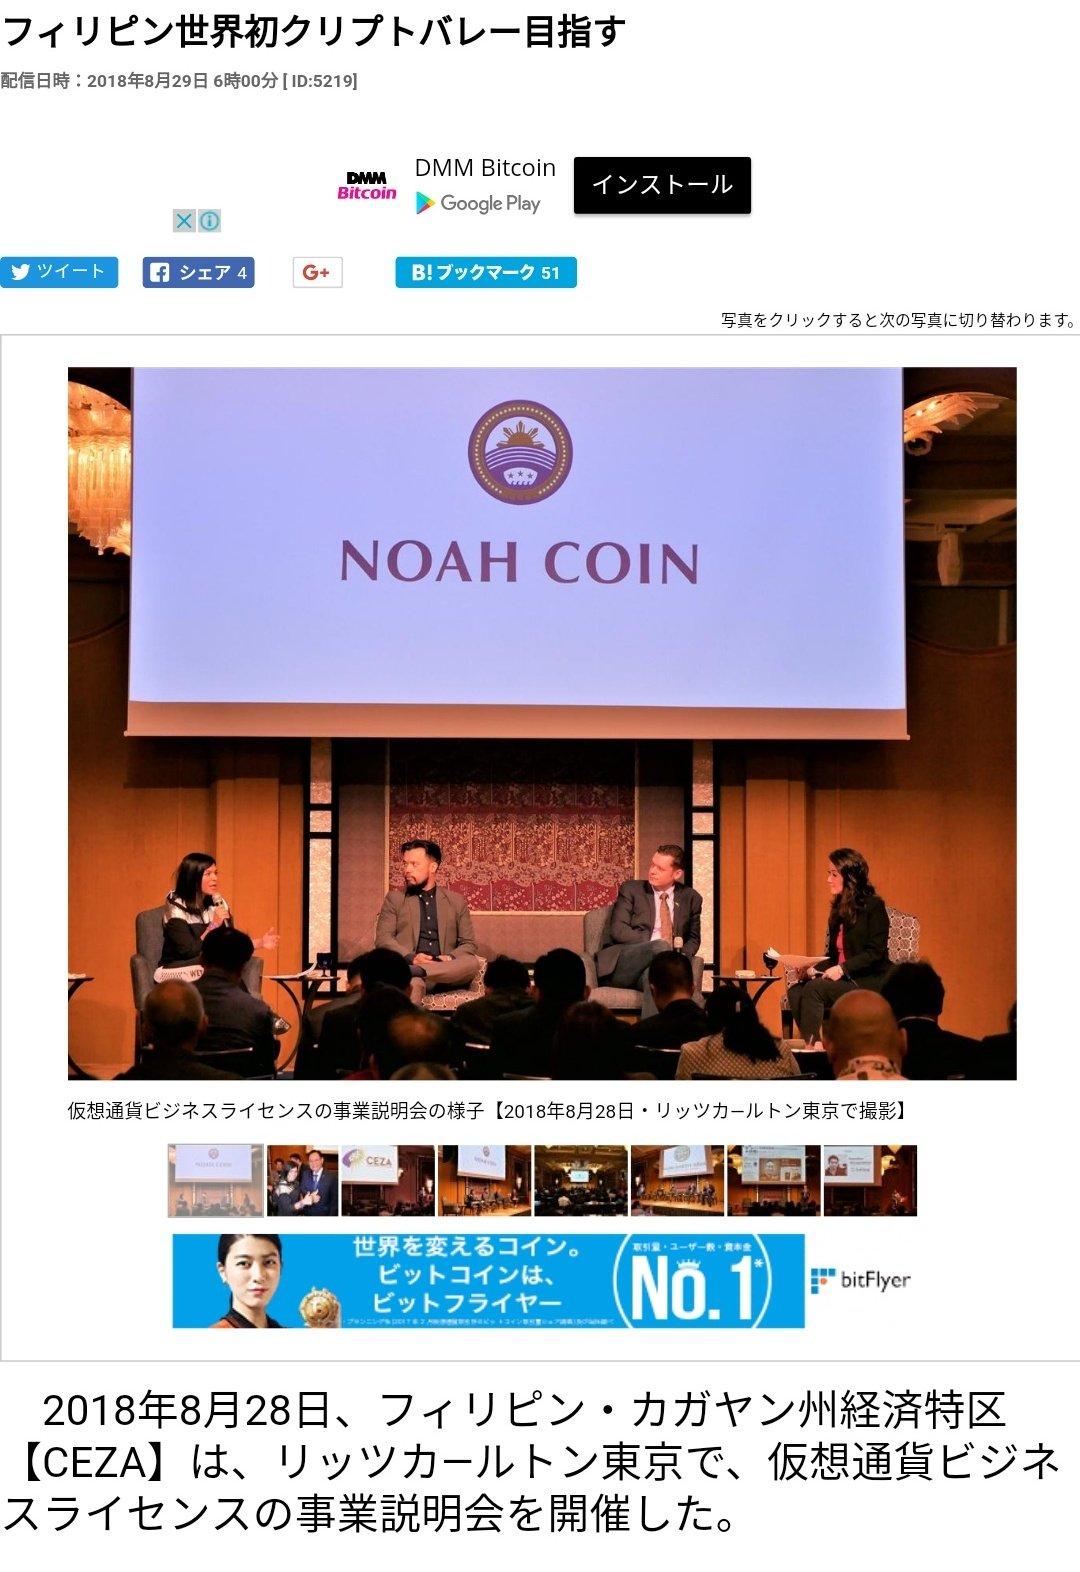 ビットコイン分裂 新仮想通貨 付与 完買開始 値動き大きい 9万円弱の取引も